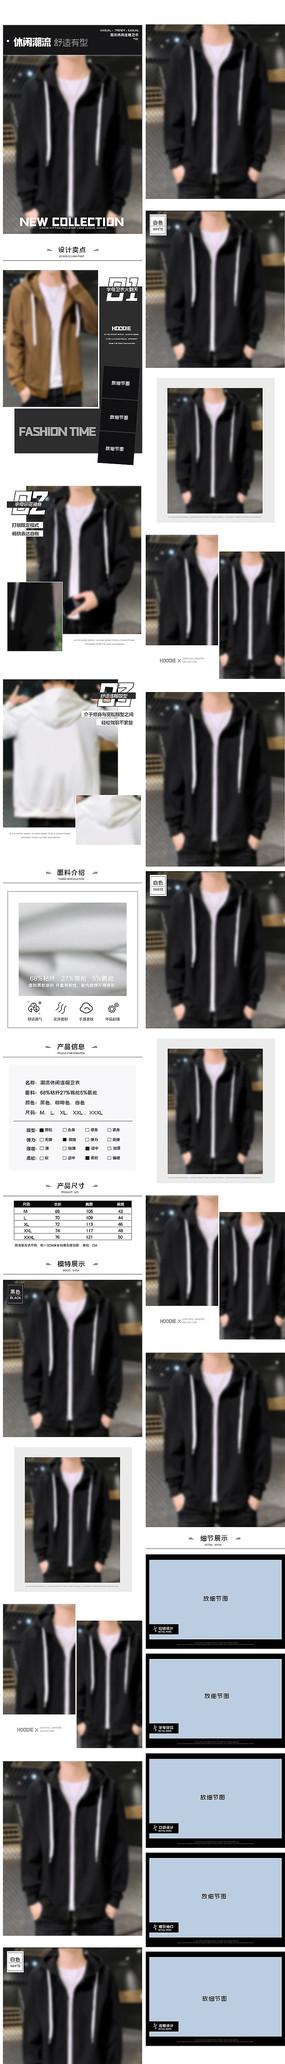 男装秋冬外套描述细节详情页模板psd